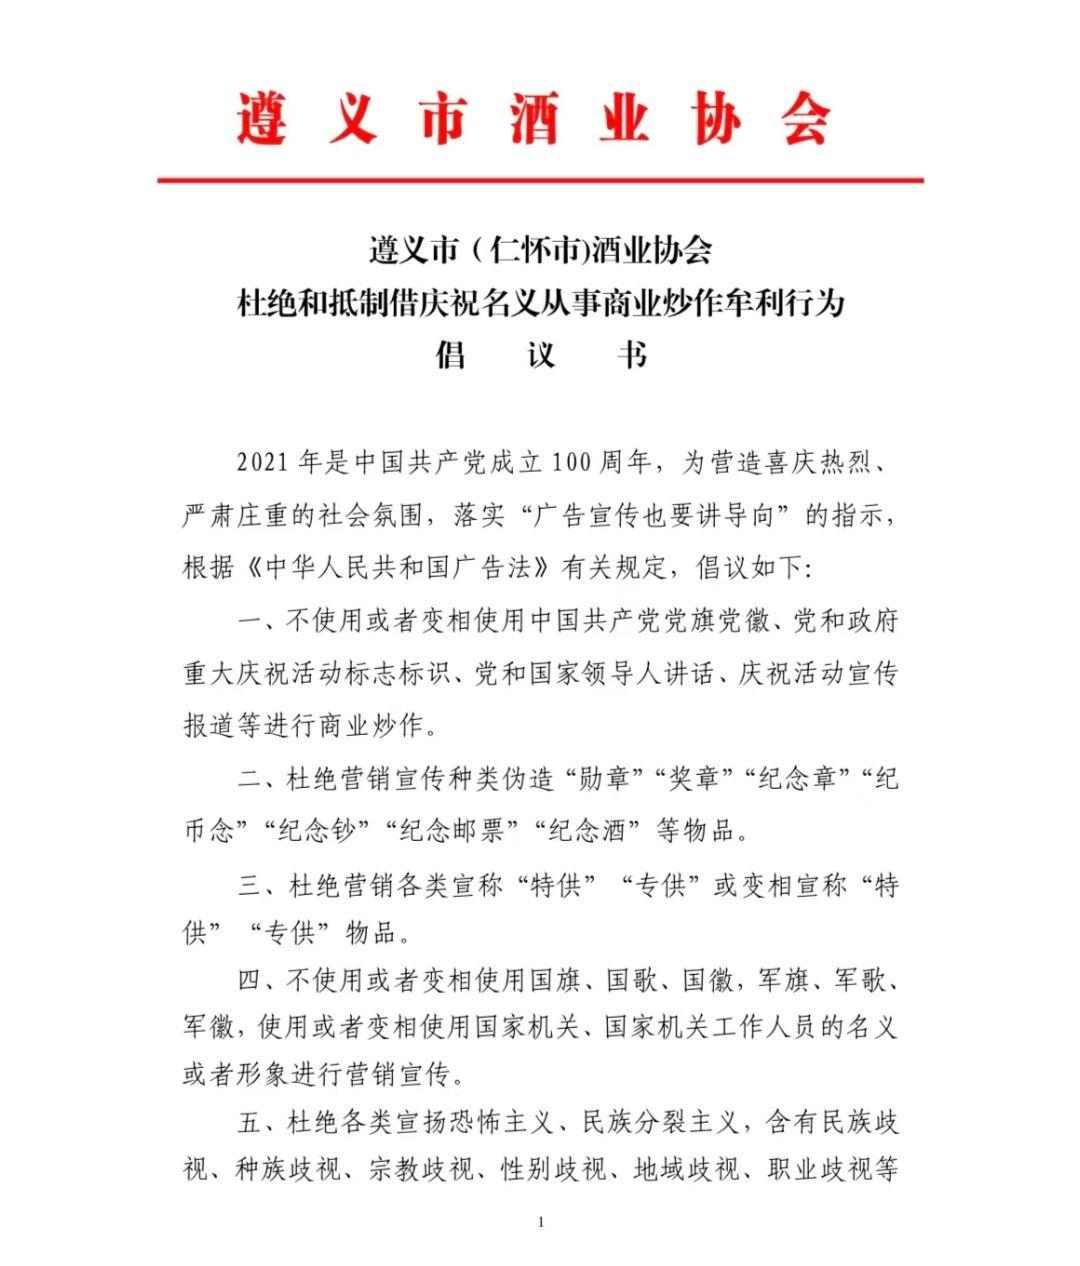 """贵州仁怀酒协发倡议书:杜绝酒类产品使用""""特供""""等营销手段"""